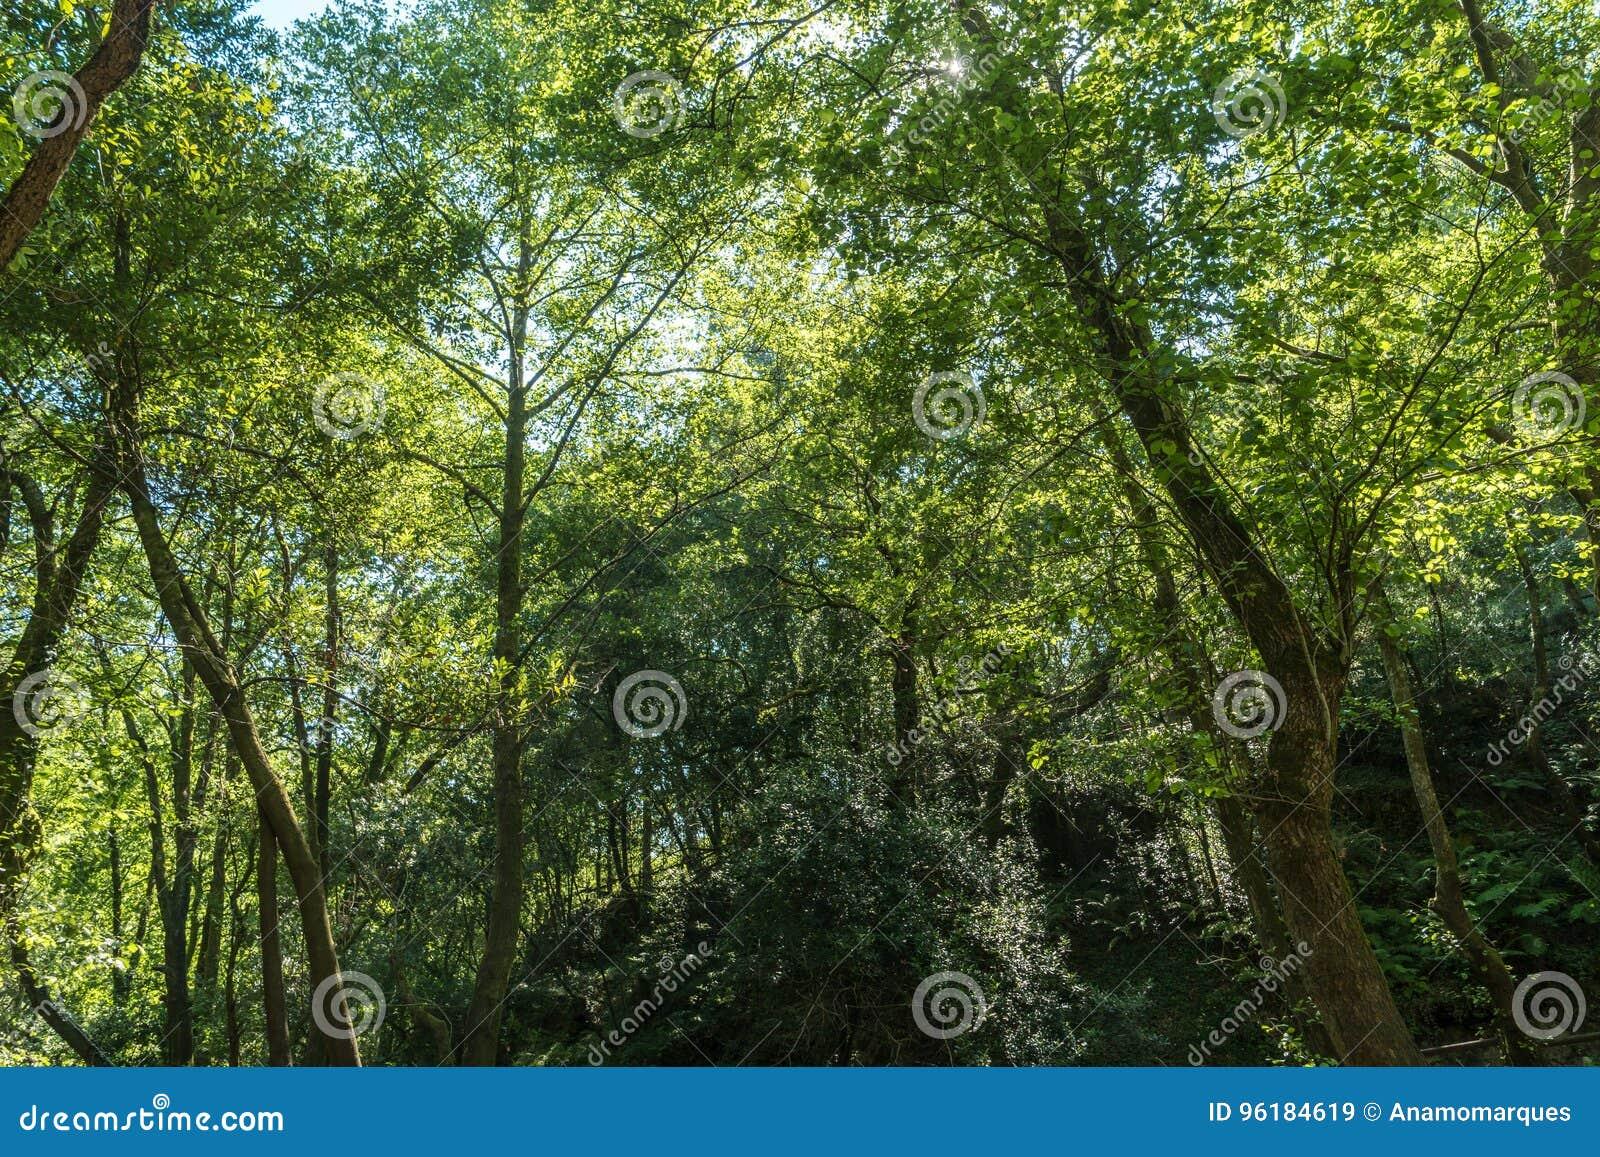 Die Sonne, welche schön die grünen Treetops des hohen Baums belichtet